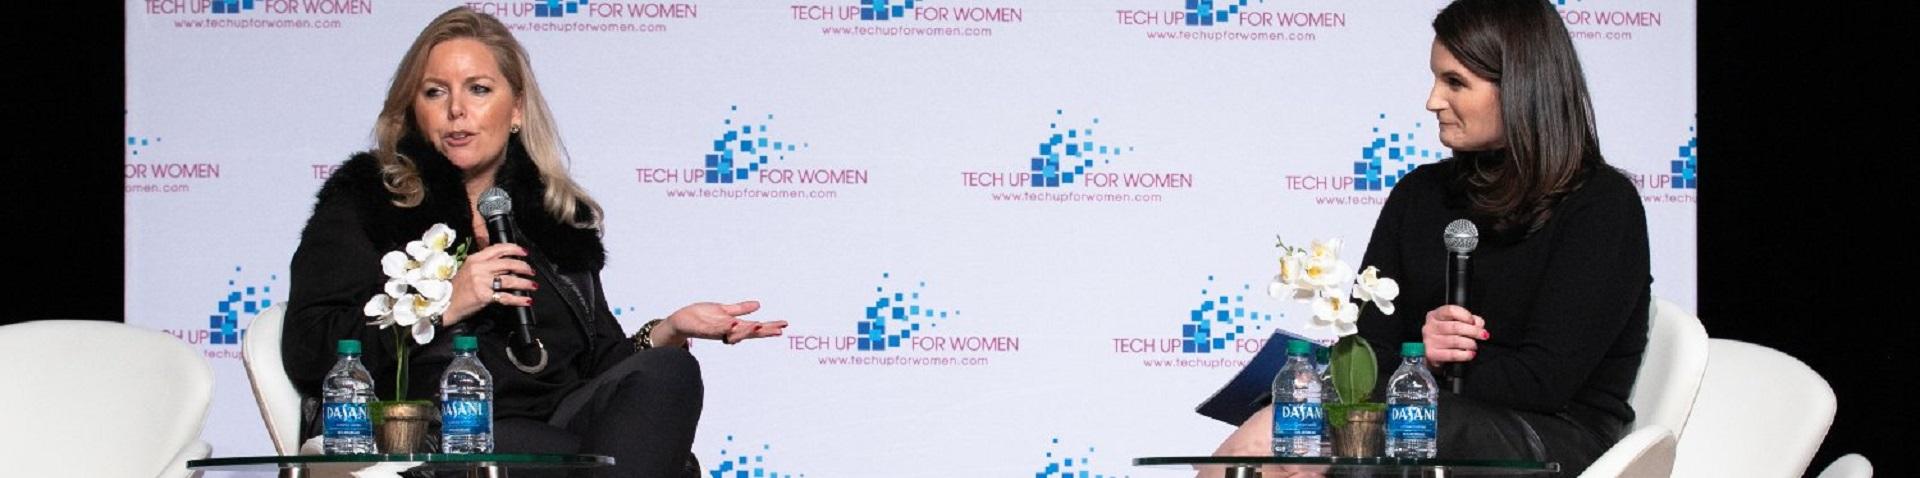 Tech Up for Women